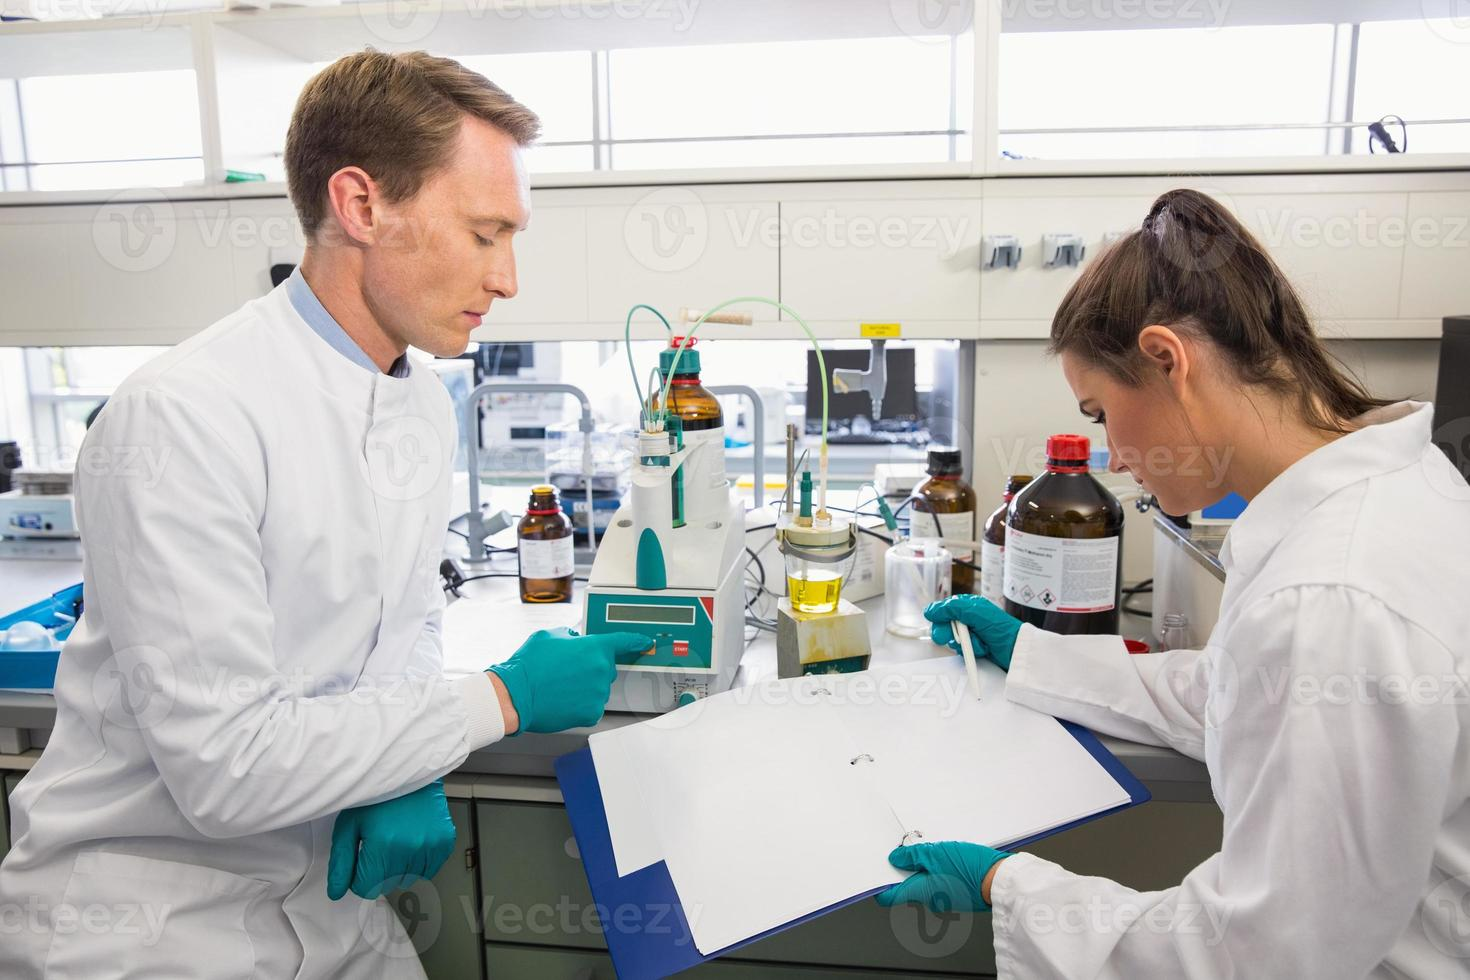 jovens cientistas conduzindo um experimento juntos foto